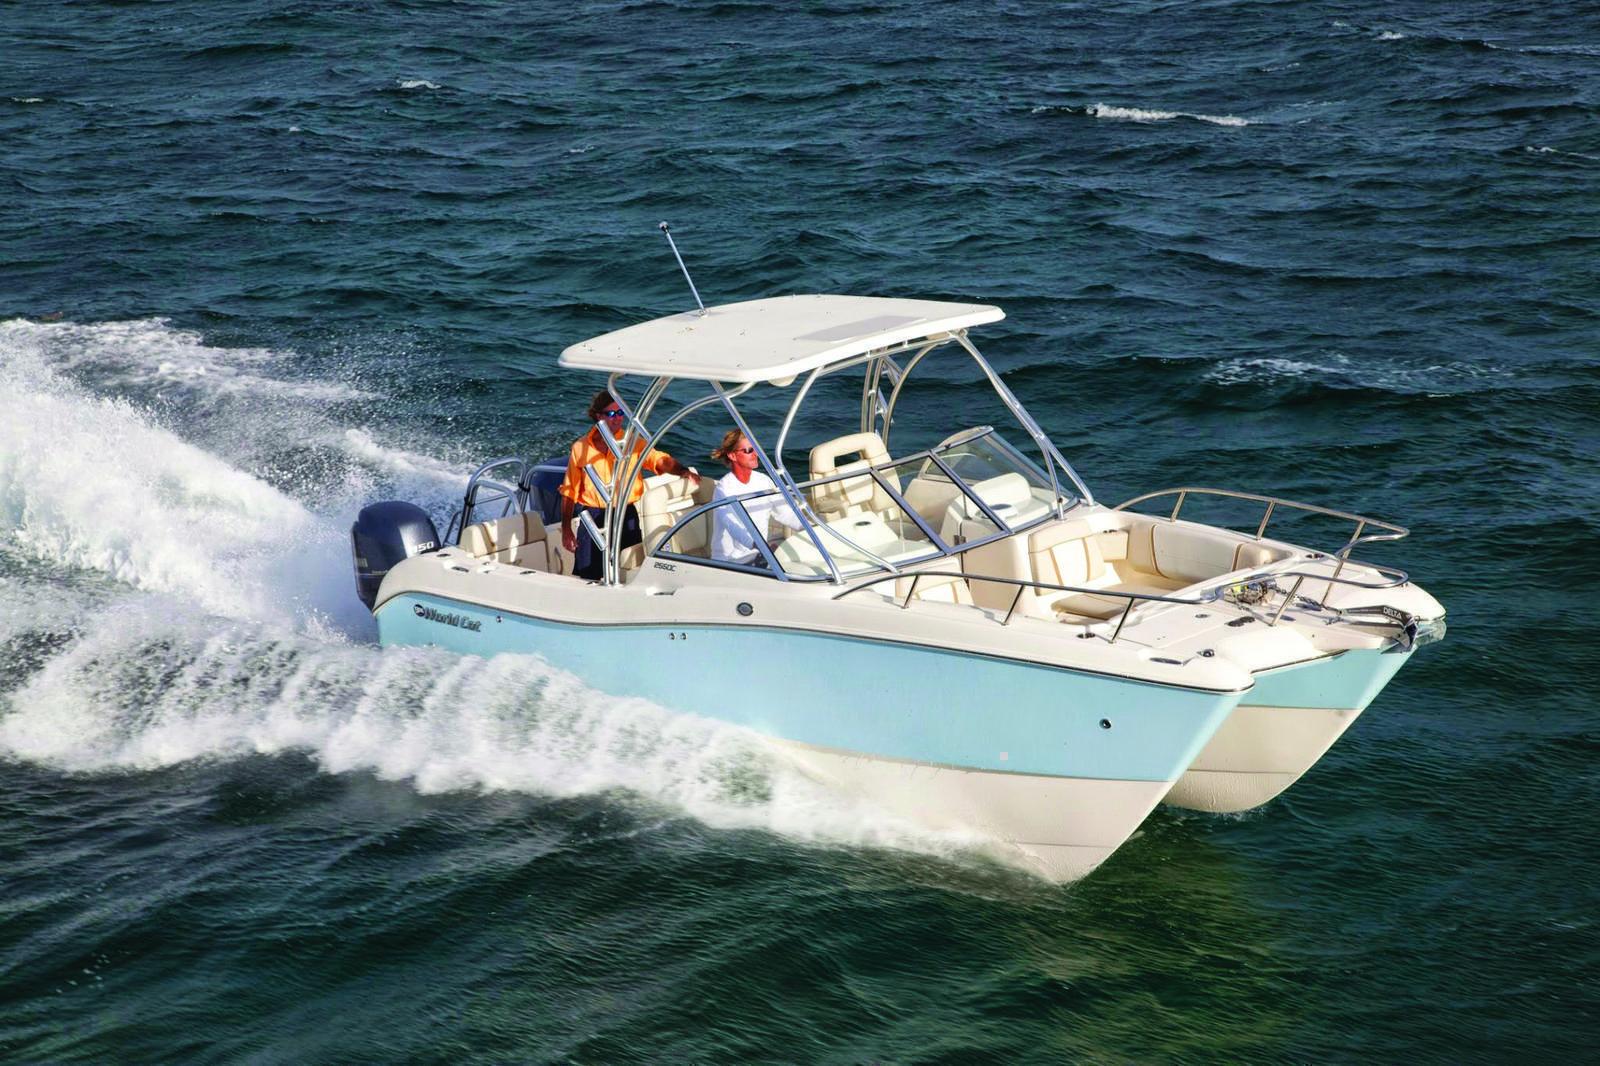 Inventory Schrader Yacht Sales Point Pleasant, NJ (732) 899-8010